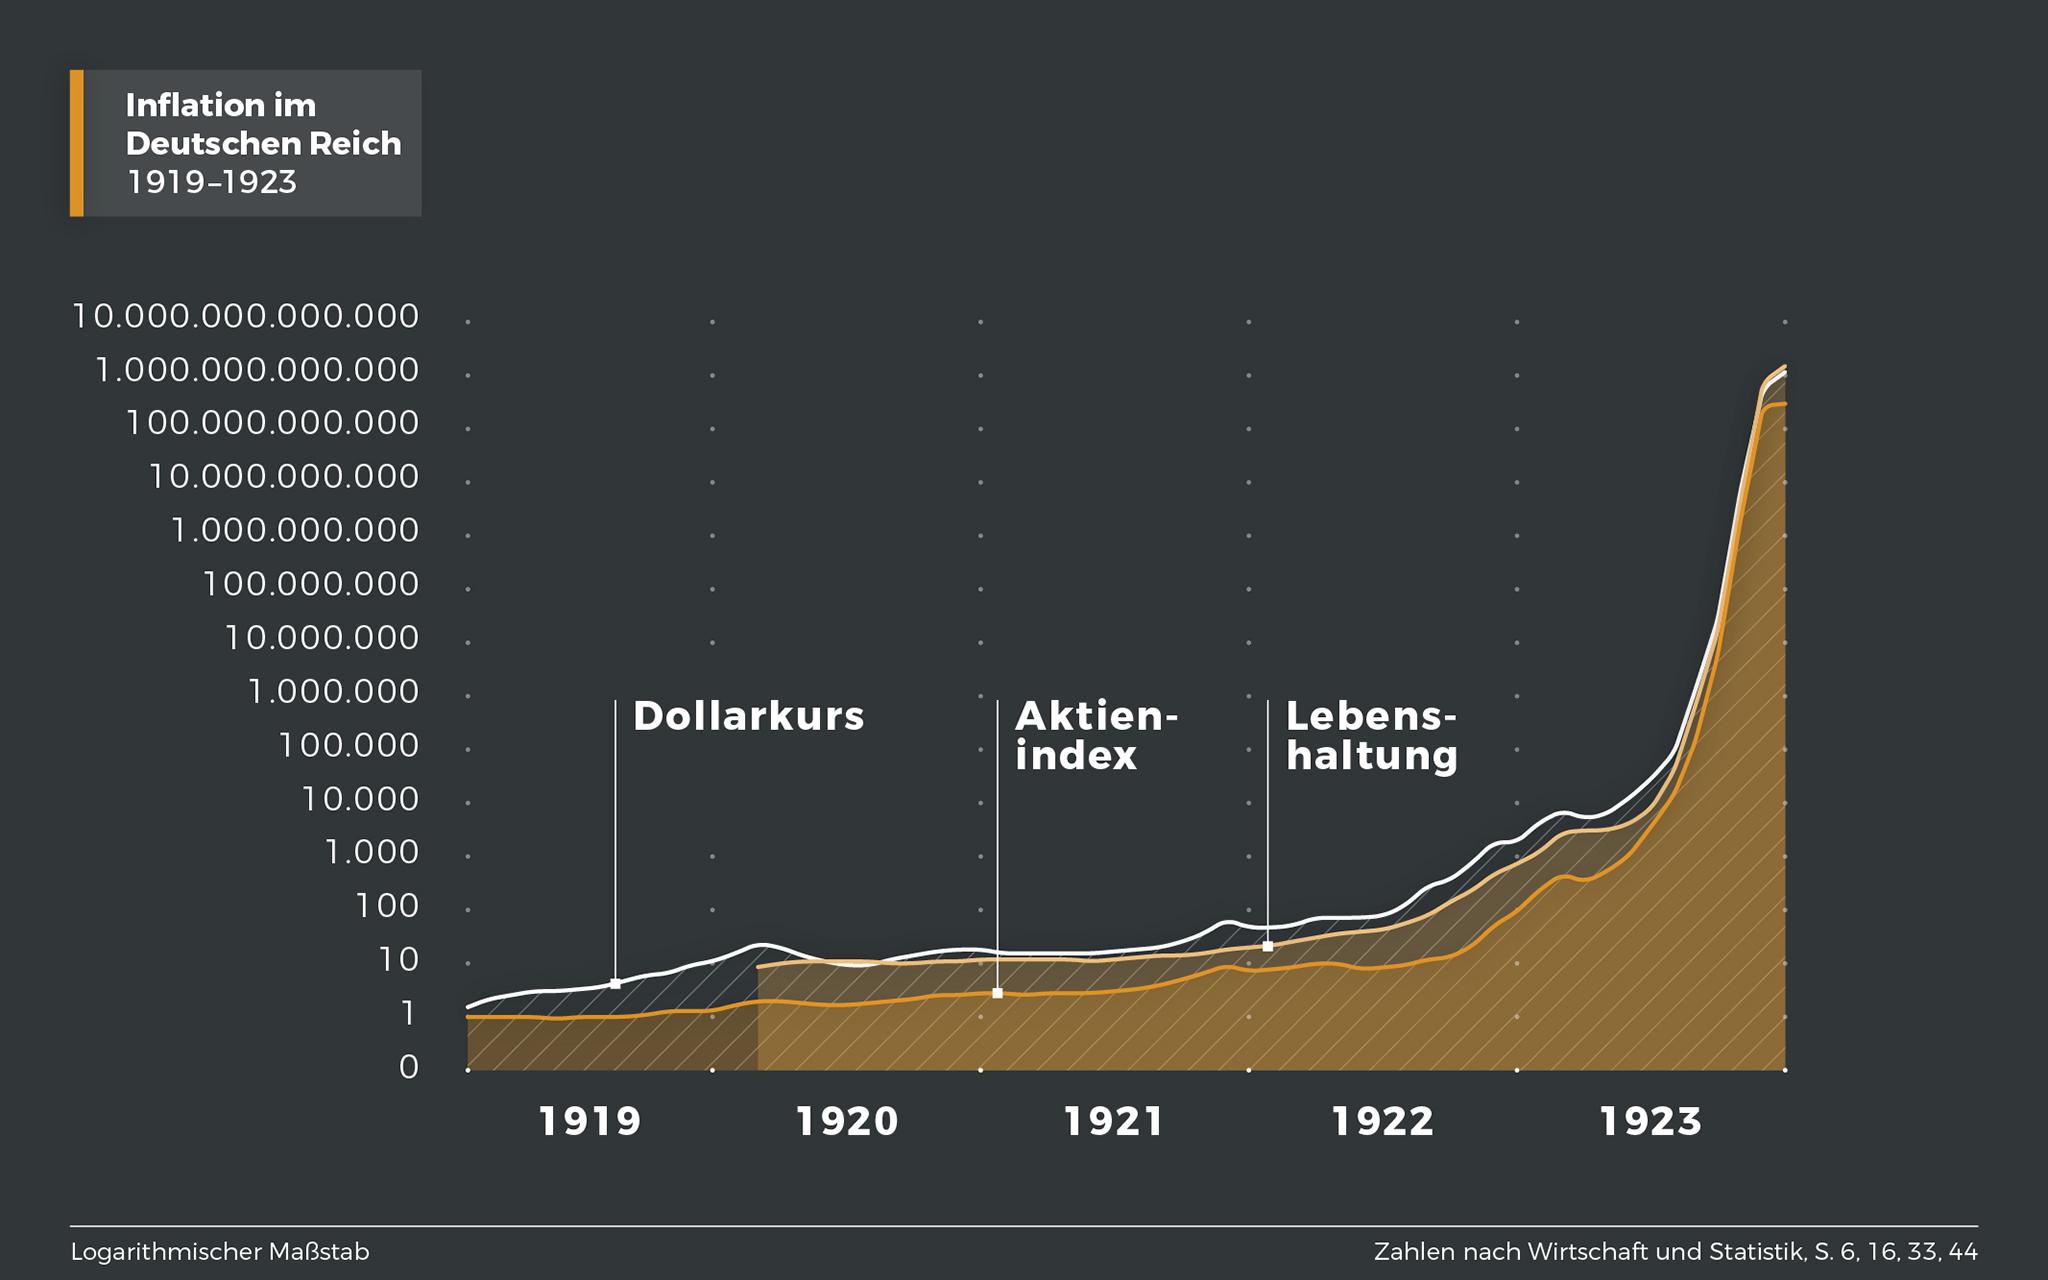 LeMO Kapitel - Weimarer Republik - Innenpolitik - Inflation 1923